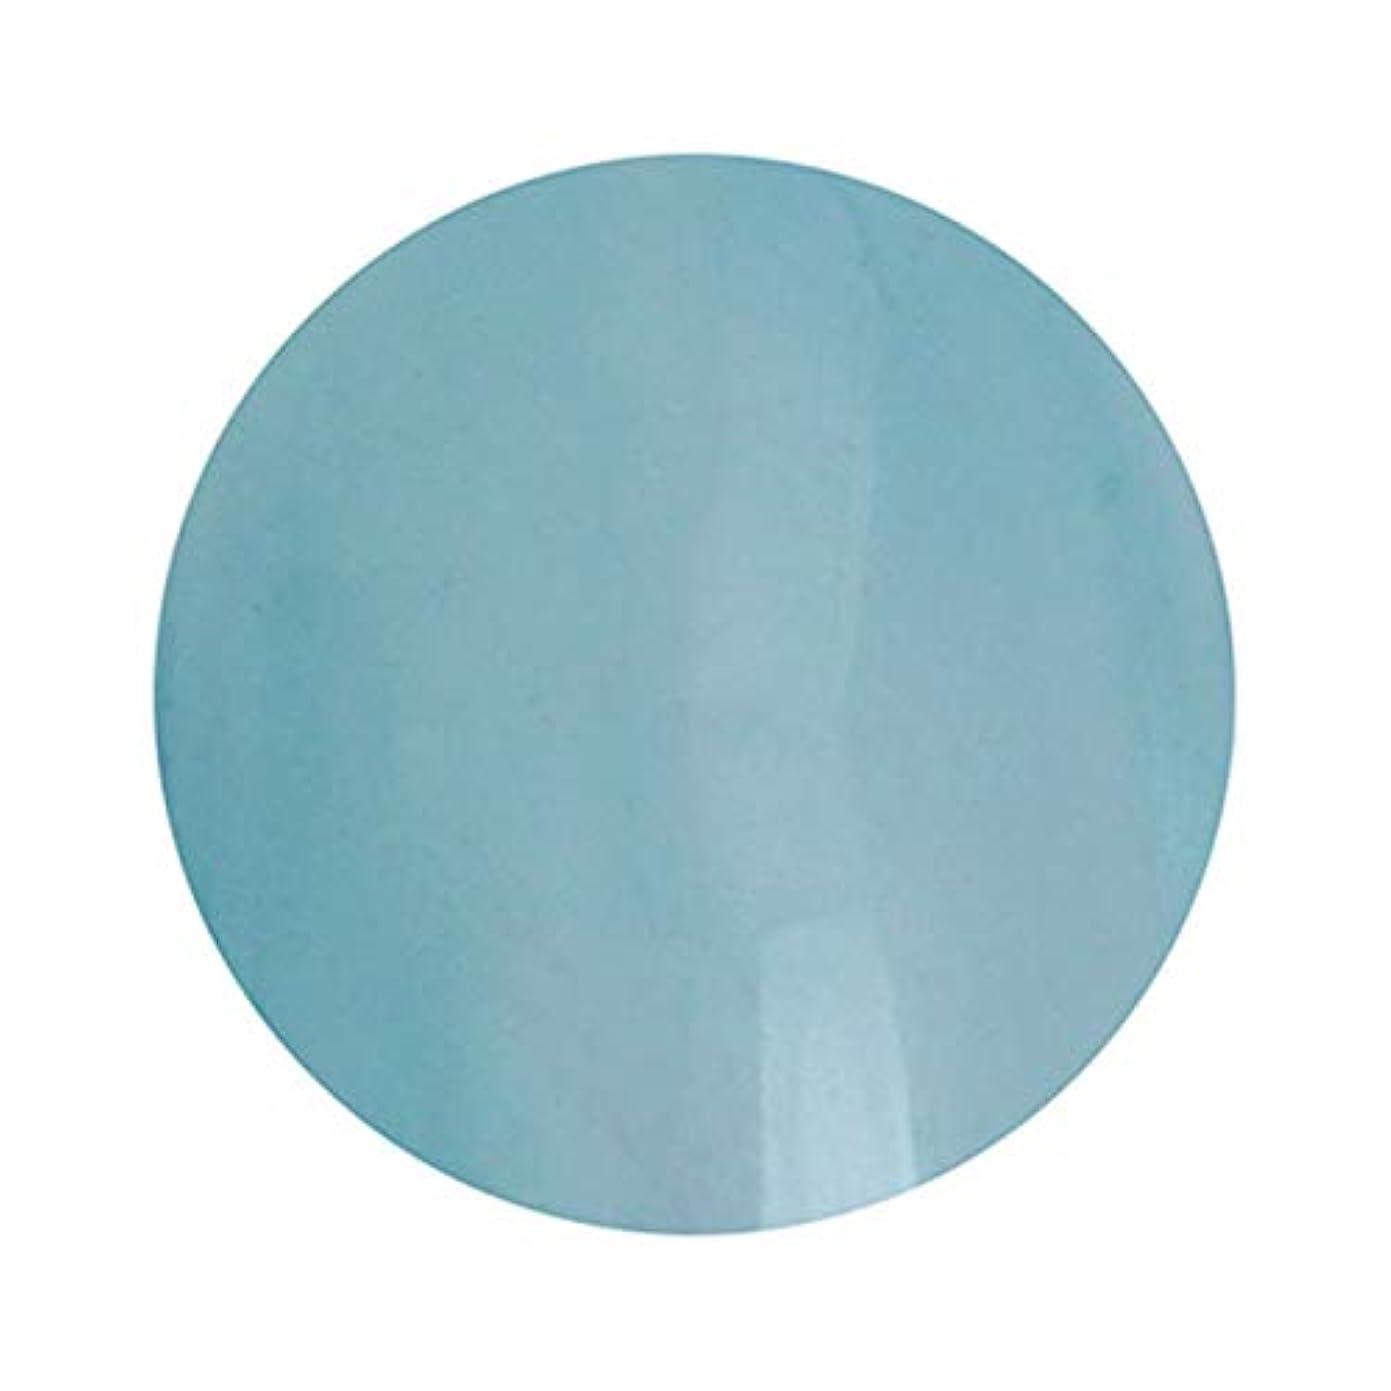 オンインチたまにT-GEL COLLECTION ティージェルコレクション カラージェル D236 クリアブルーグリーン 4ml